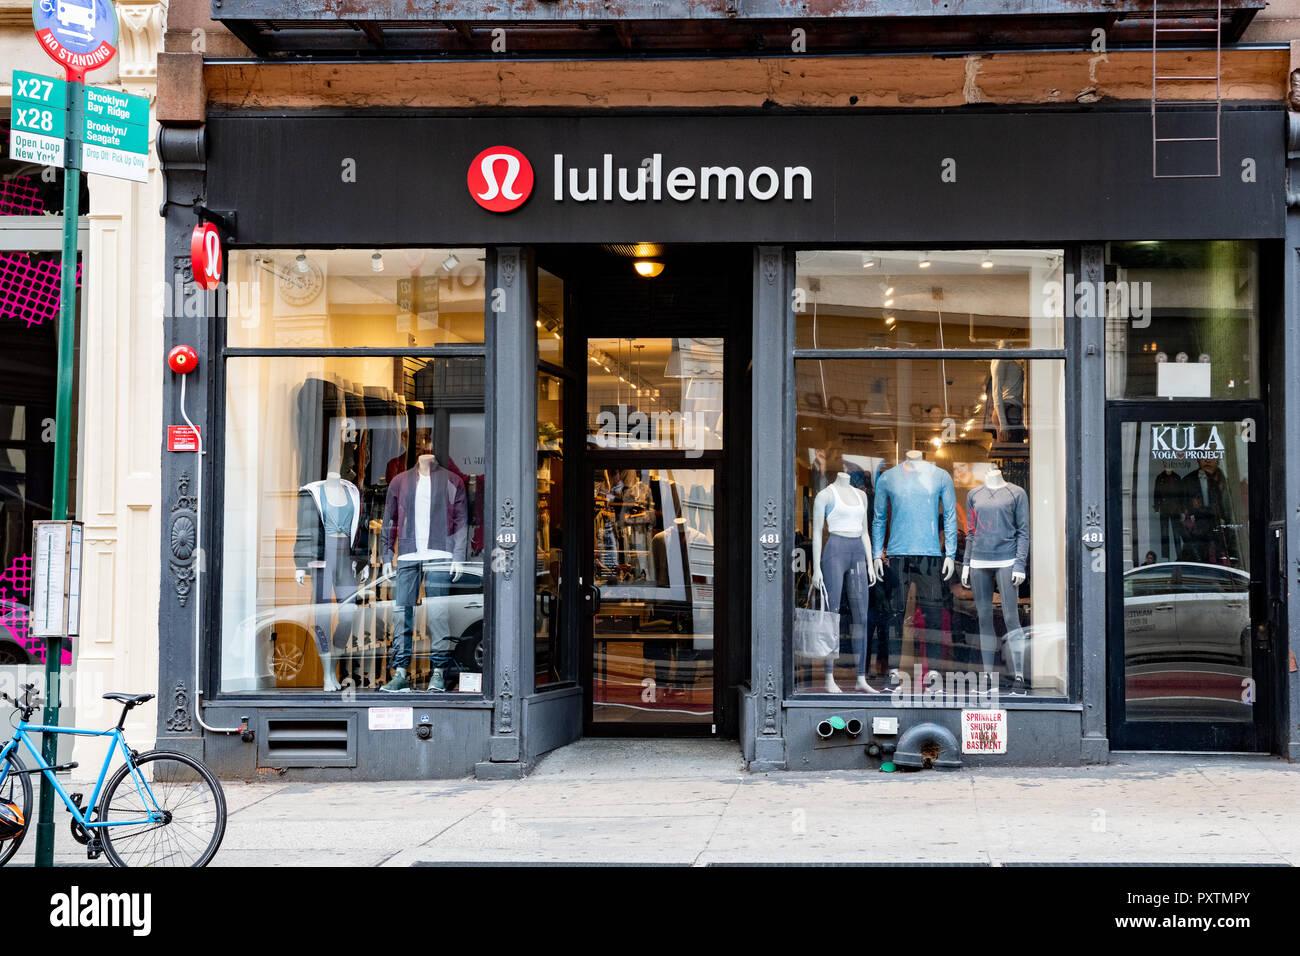 e752e78f75 Lululemon store in the SoHo neighbourhood of New York City. - Stock Image